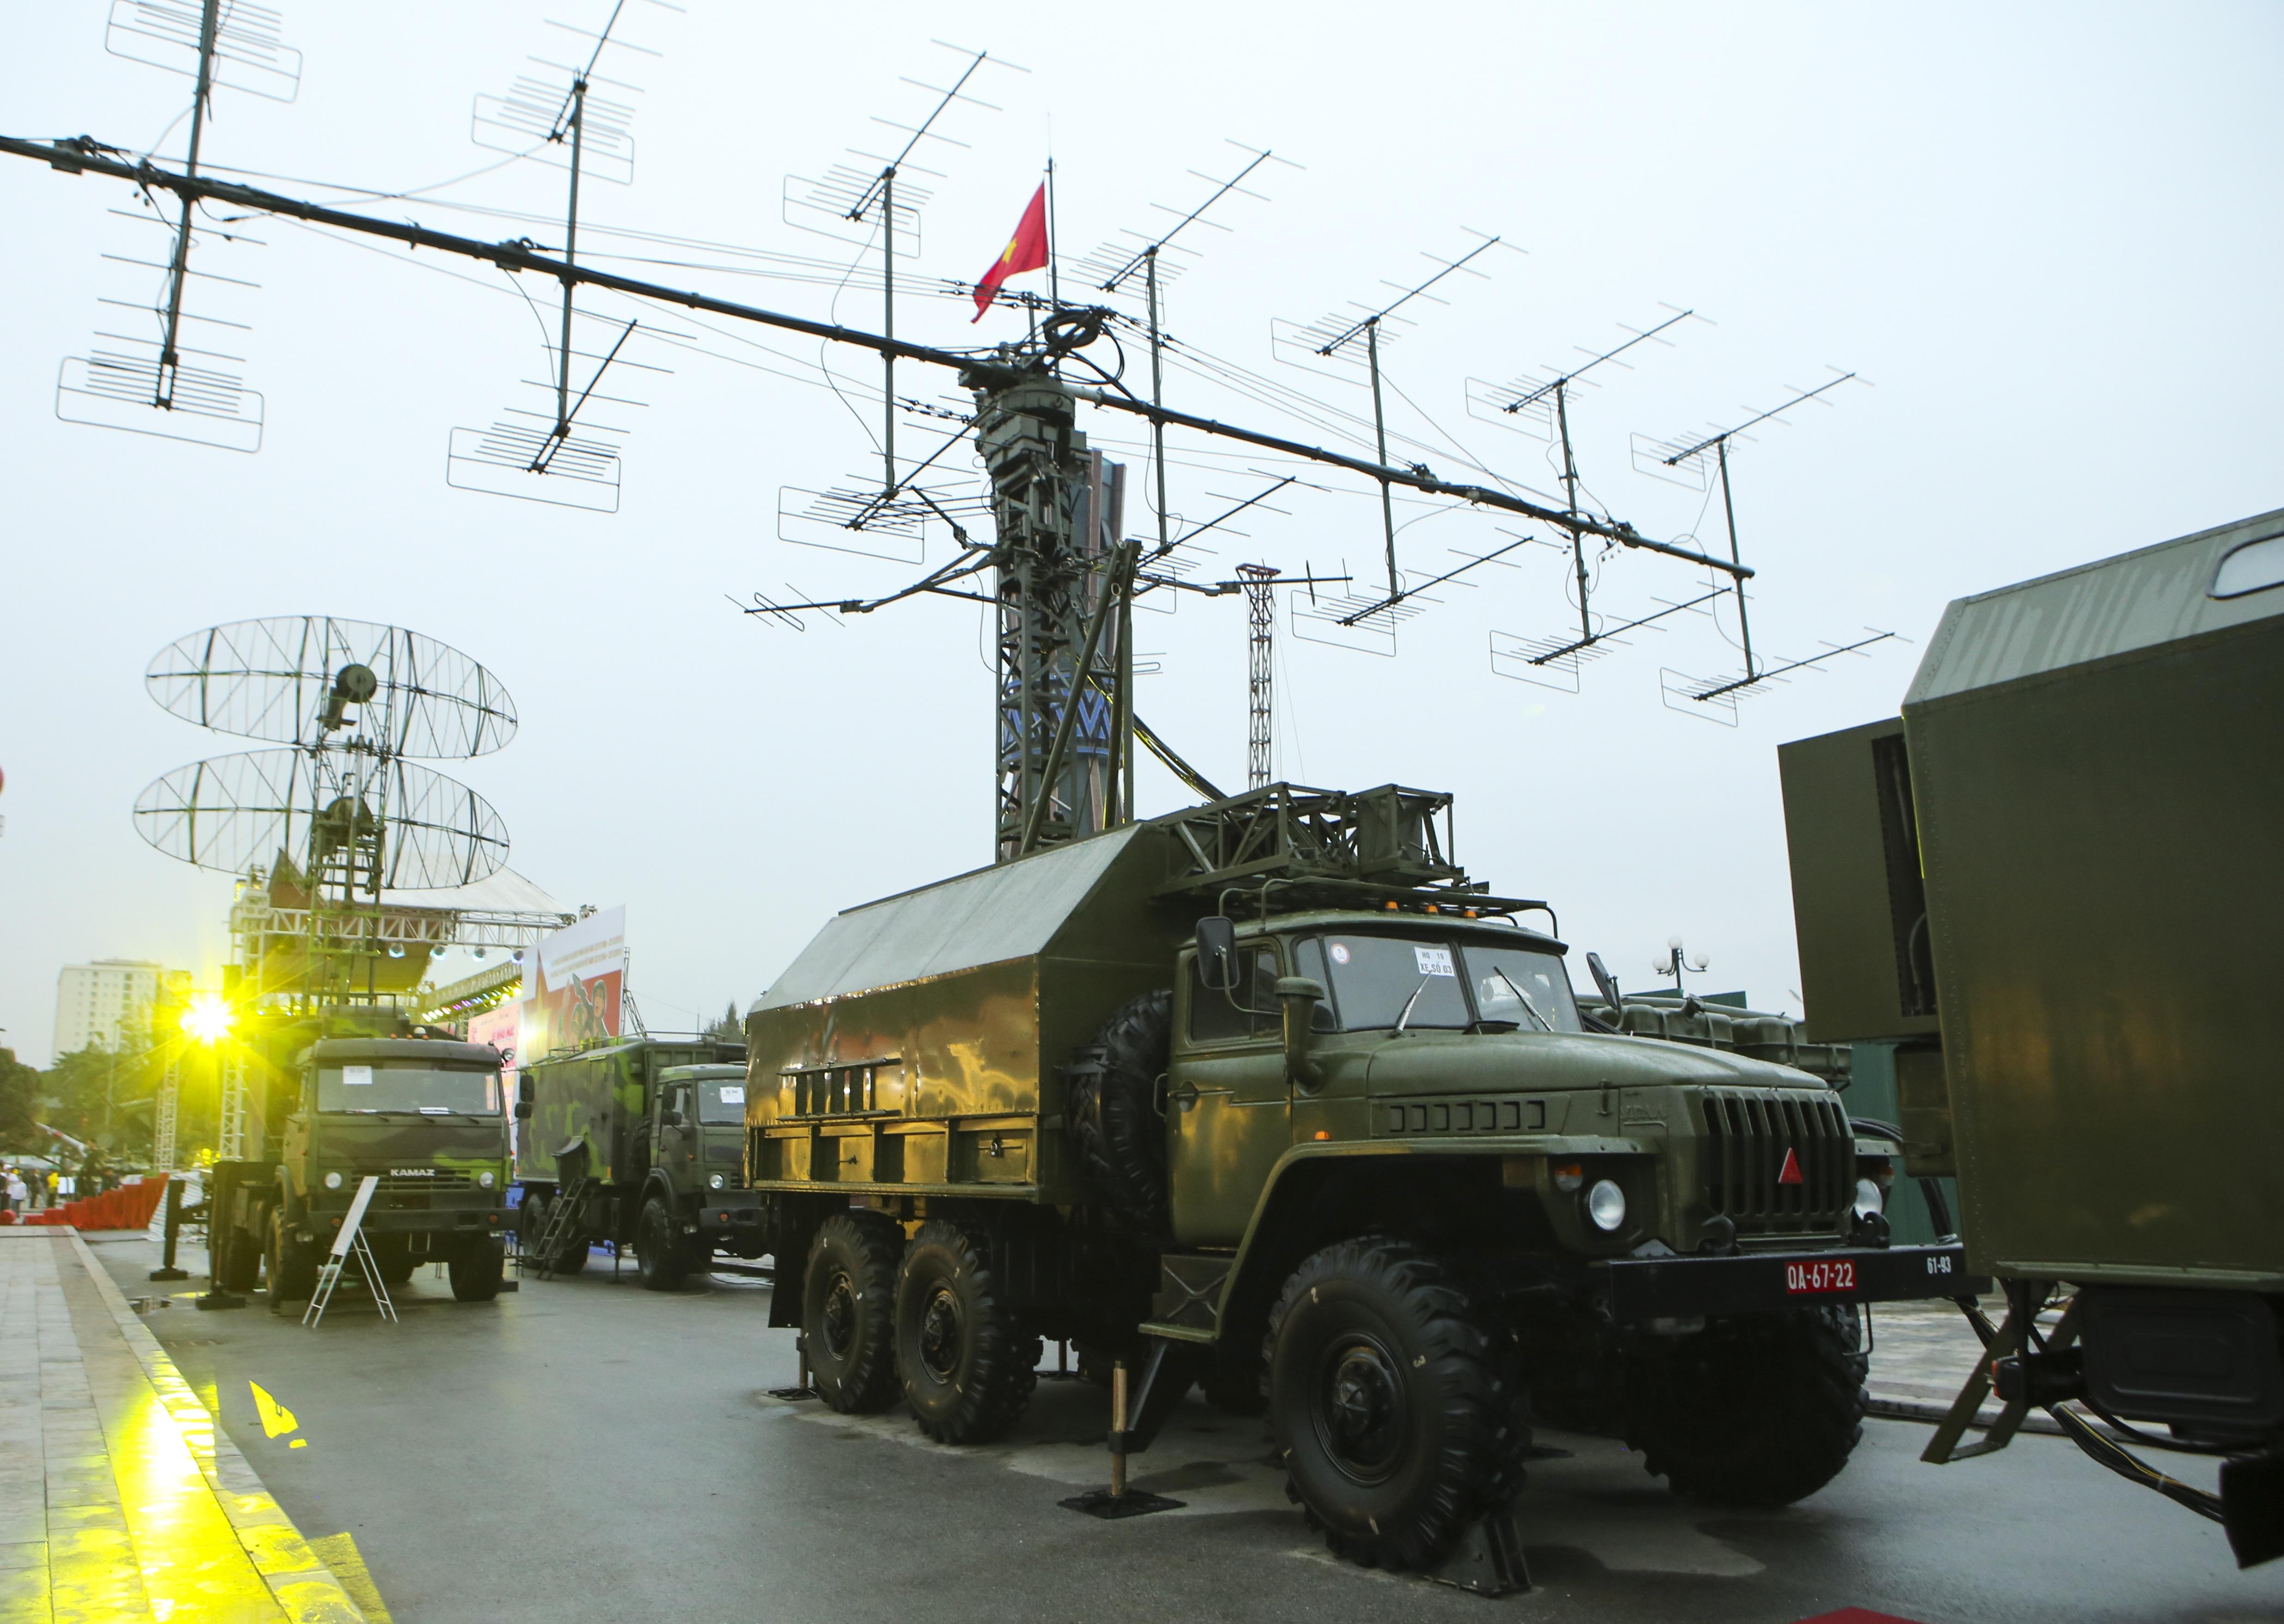 Cận cảnh dàn radar chống mục tiêu tàng hình tối tân của Quân đội Nhân dân Việt Nam - 1